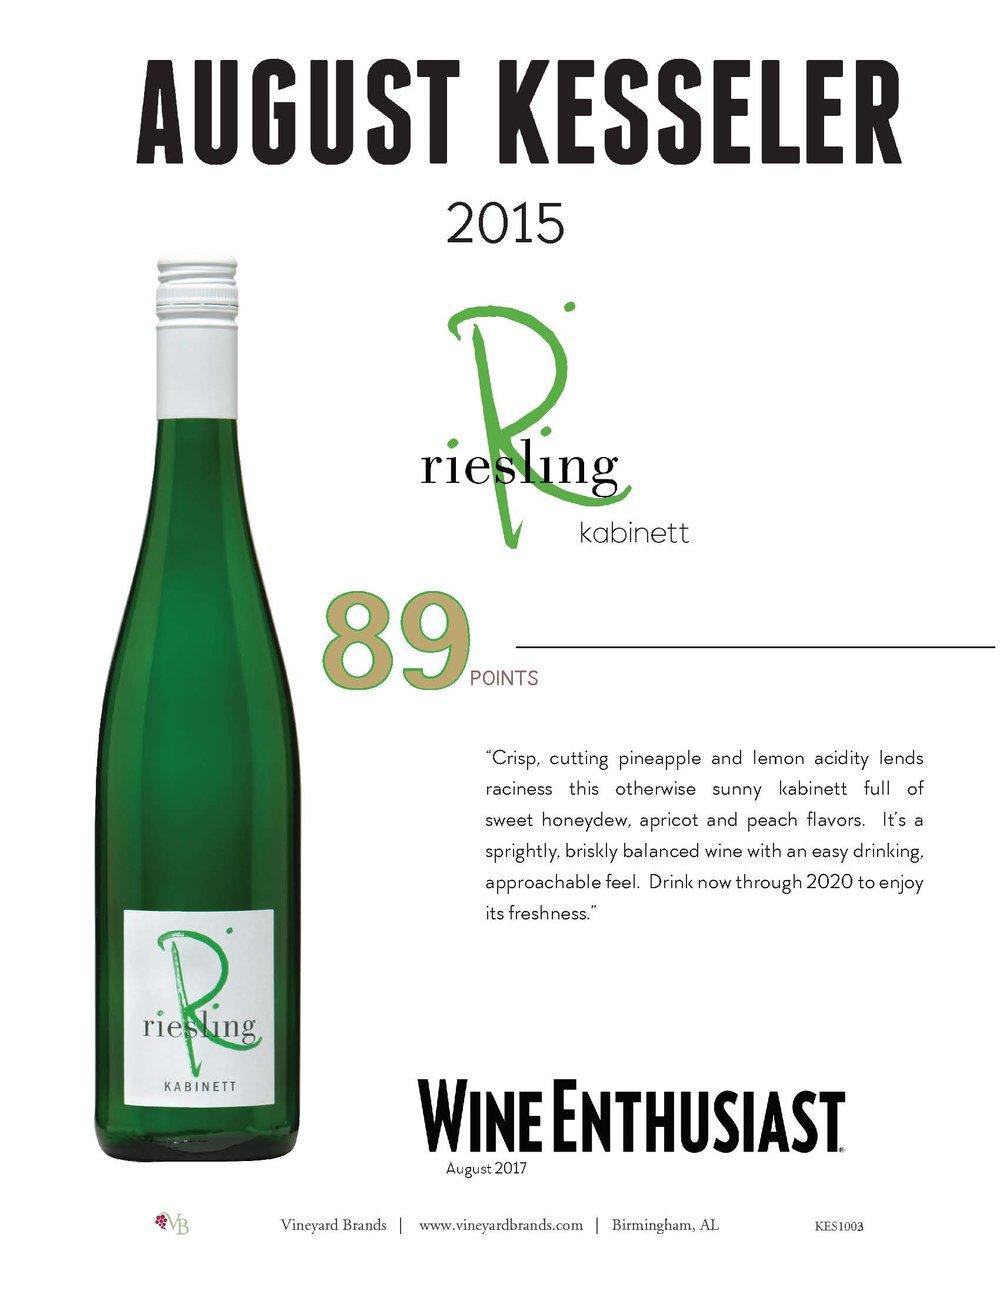 August Kesseler Riesling 2015.jpg